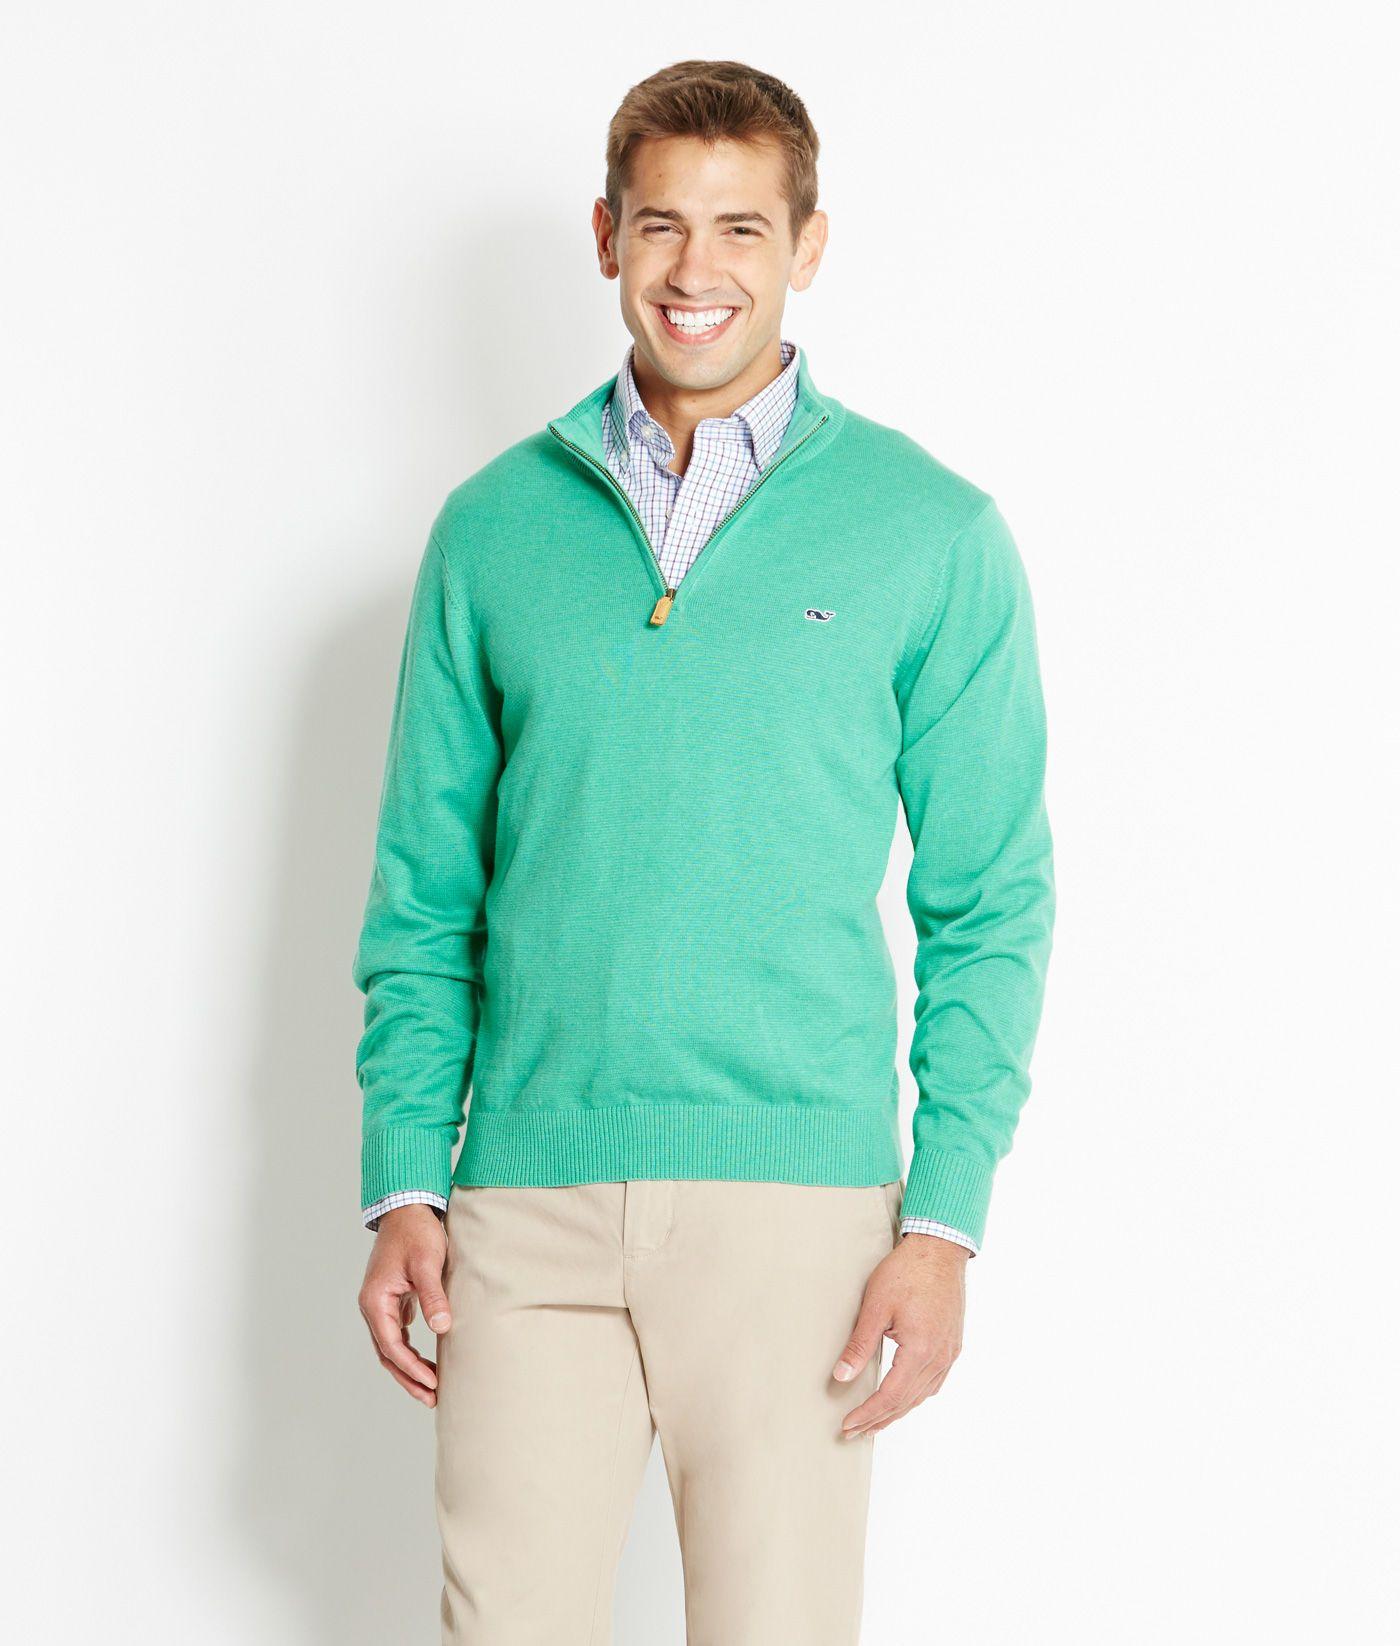 Shop pullovers ridgefield zip for men vineyard vines wish